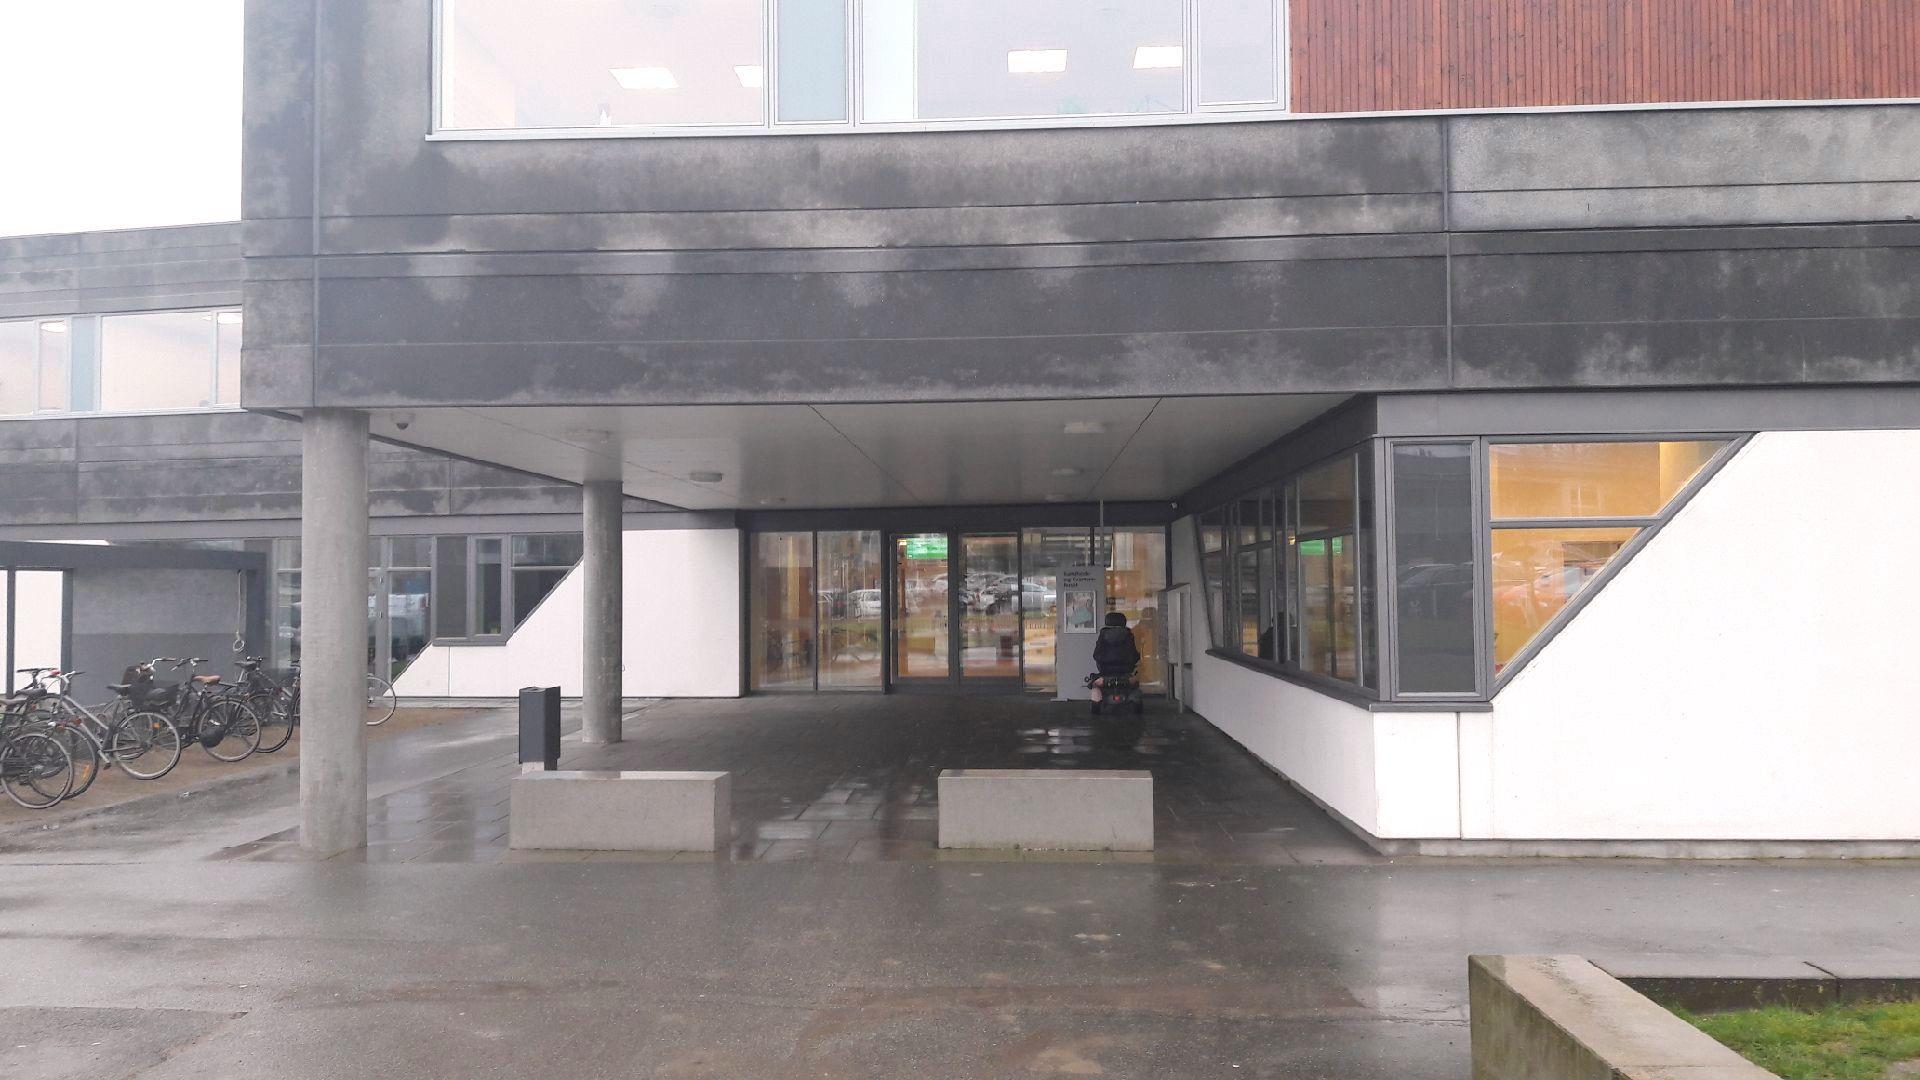 Forebyggelse Aalborg er en del af Nordjyllands Politi. Afdelingen har bl.a. lokaler på Fyrkildevej i Aalborg Øst.